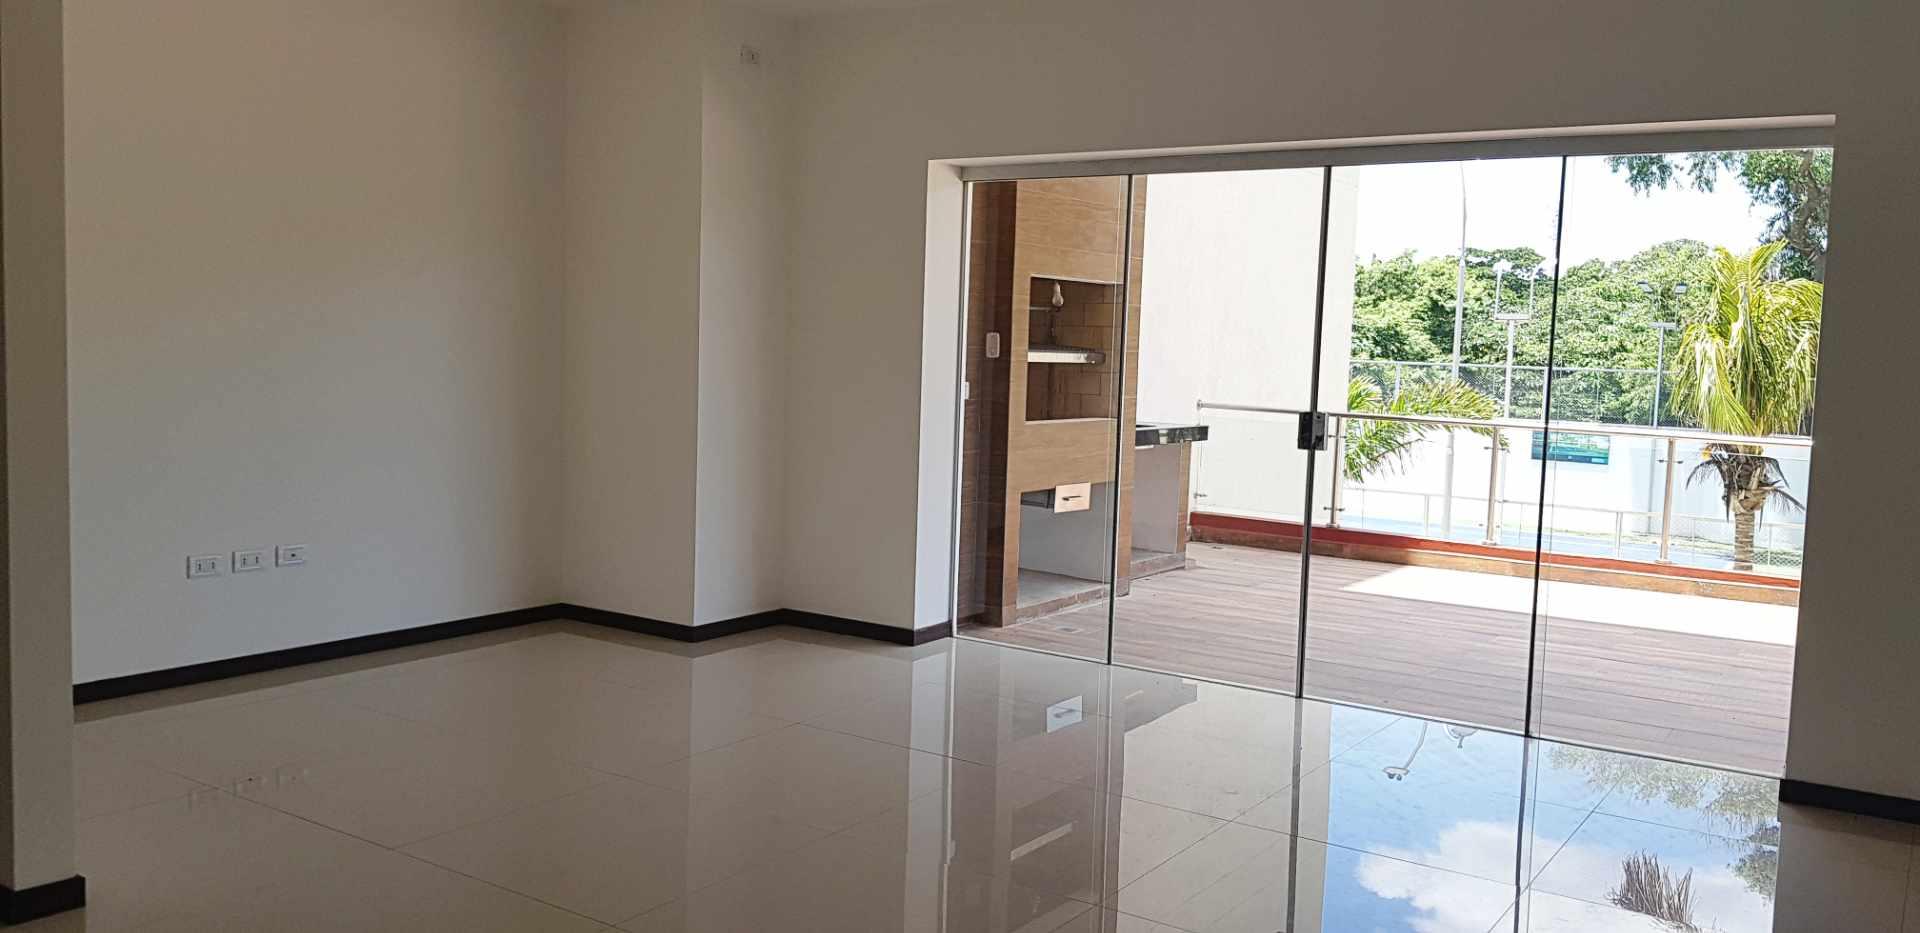 Departamento en Alquiler Condominio Jardines del Norte 4 Zona Norte 8vo anillo Foto 7